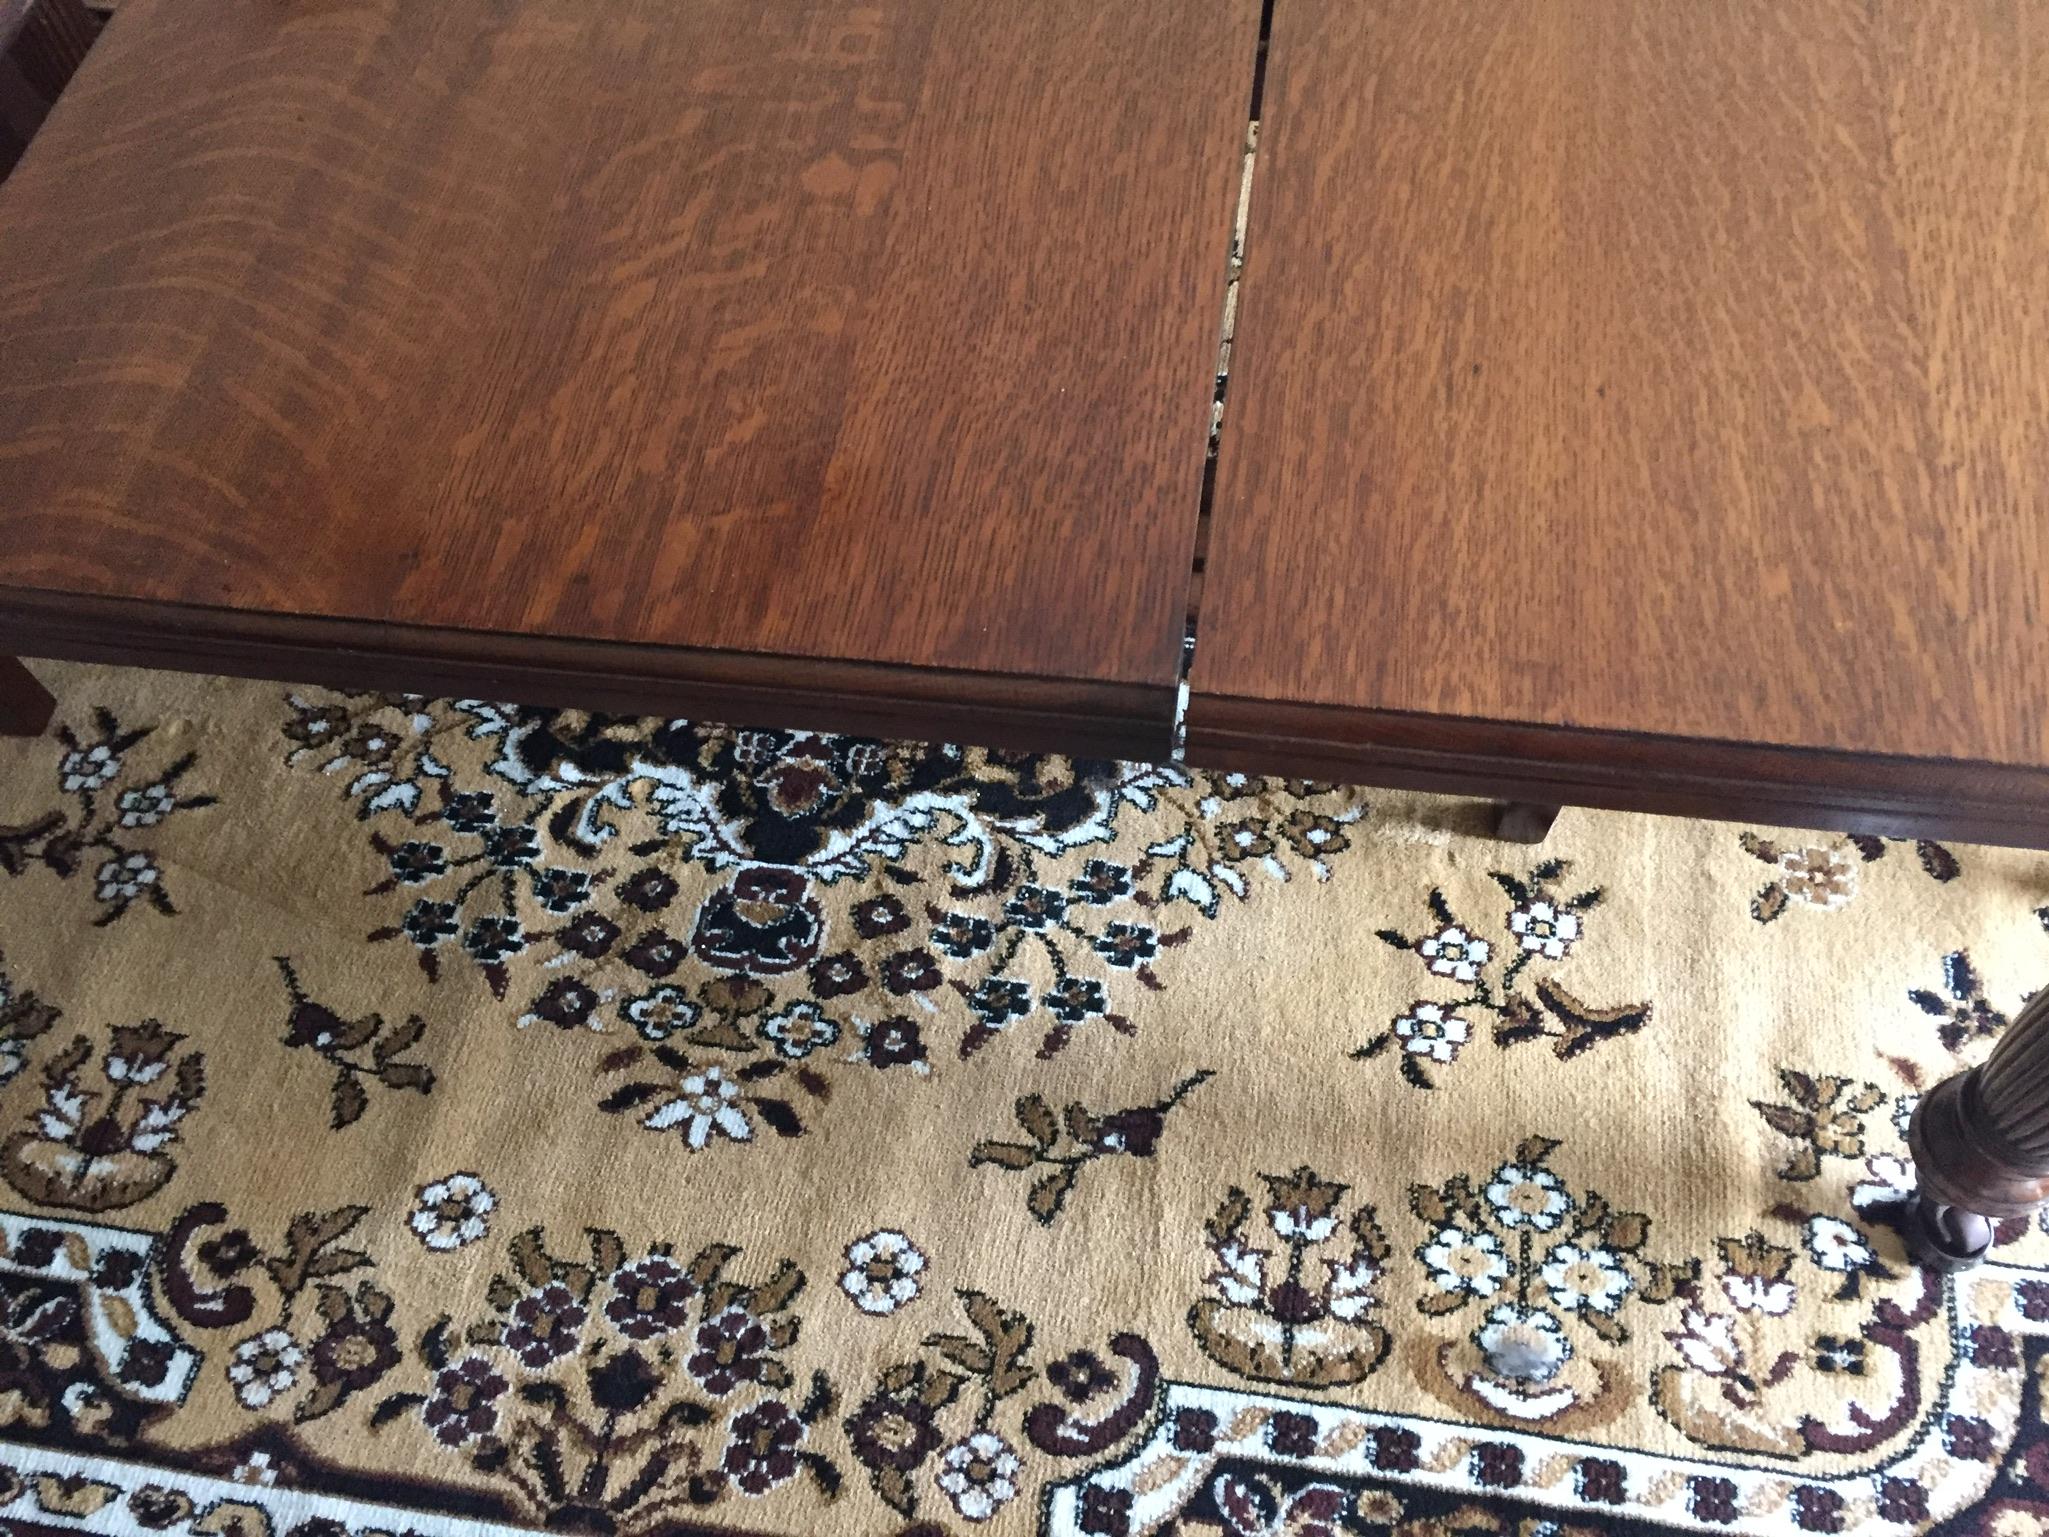 - Table leaf after